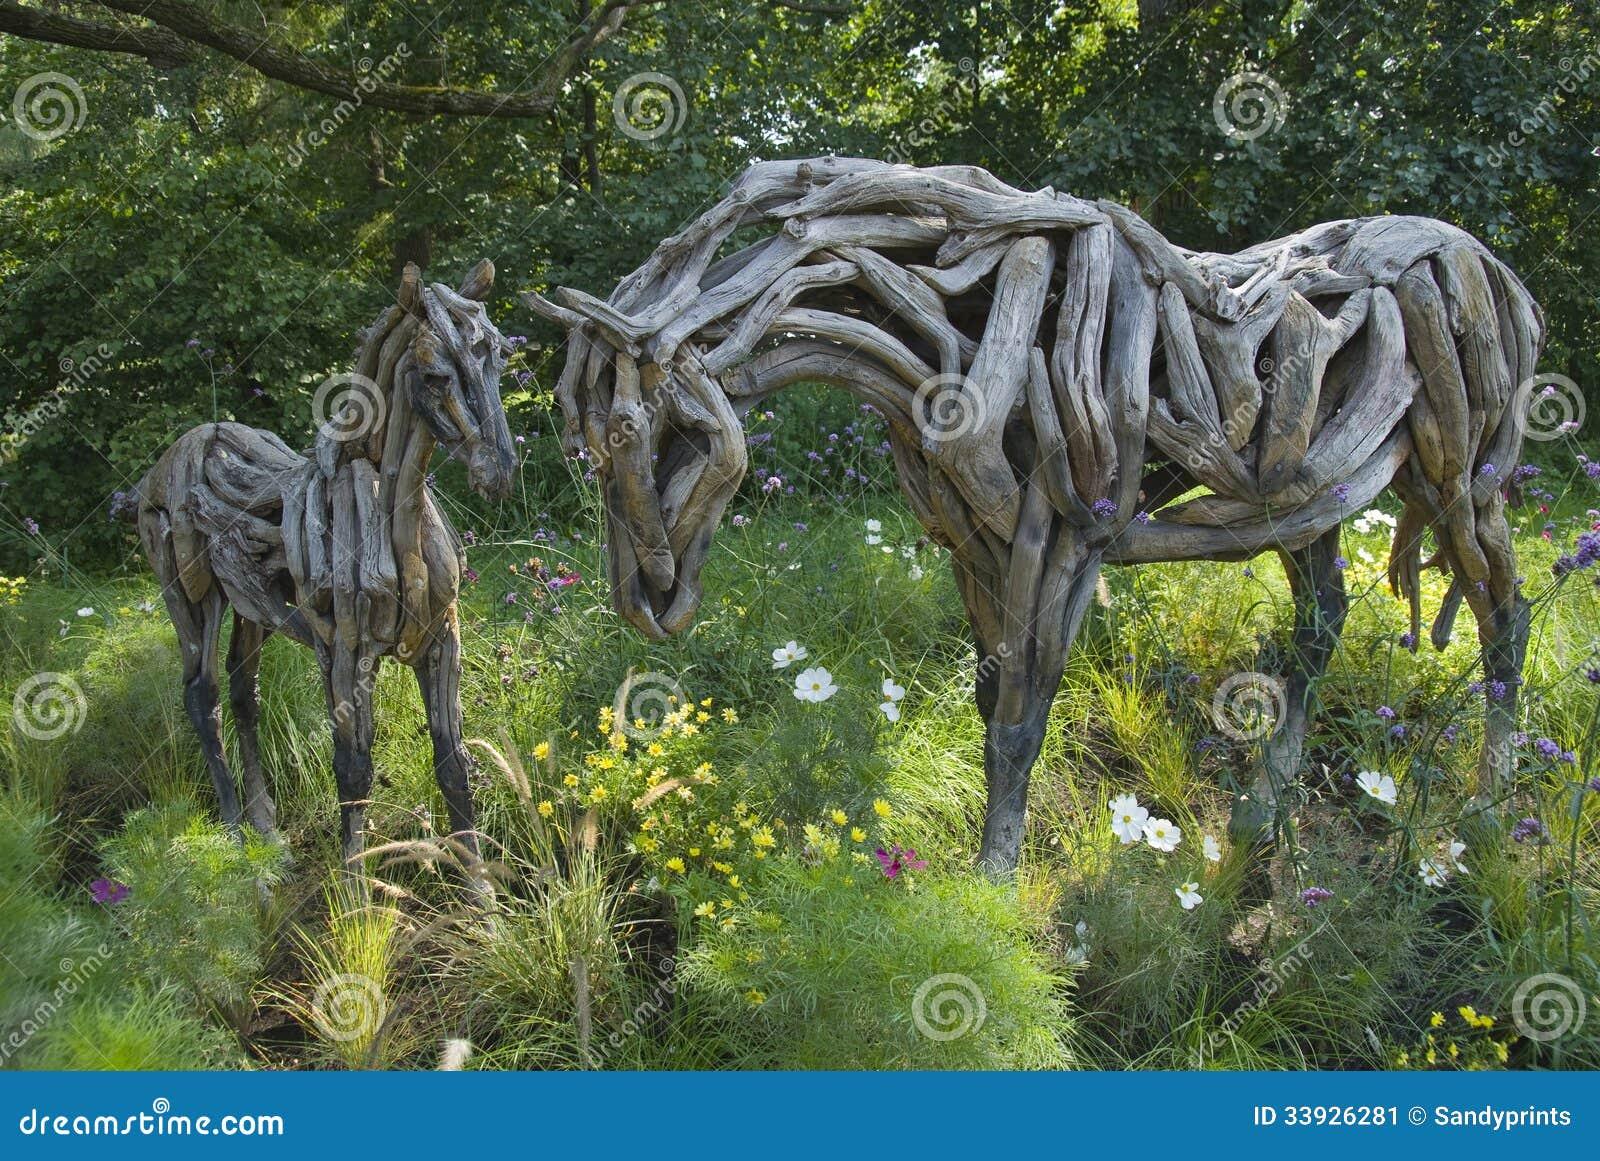 Escultura de hores en los jardines bot nicos de montreal - Esculturas para jardines ...